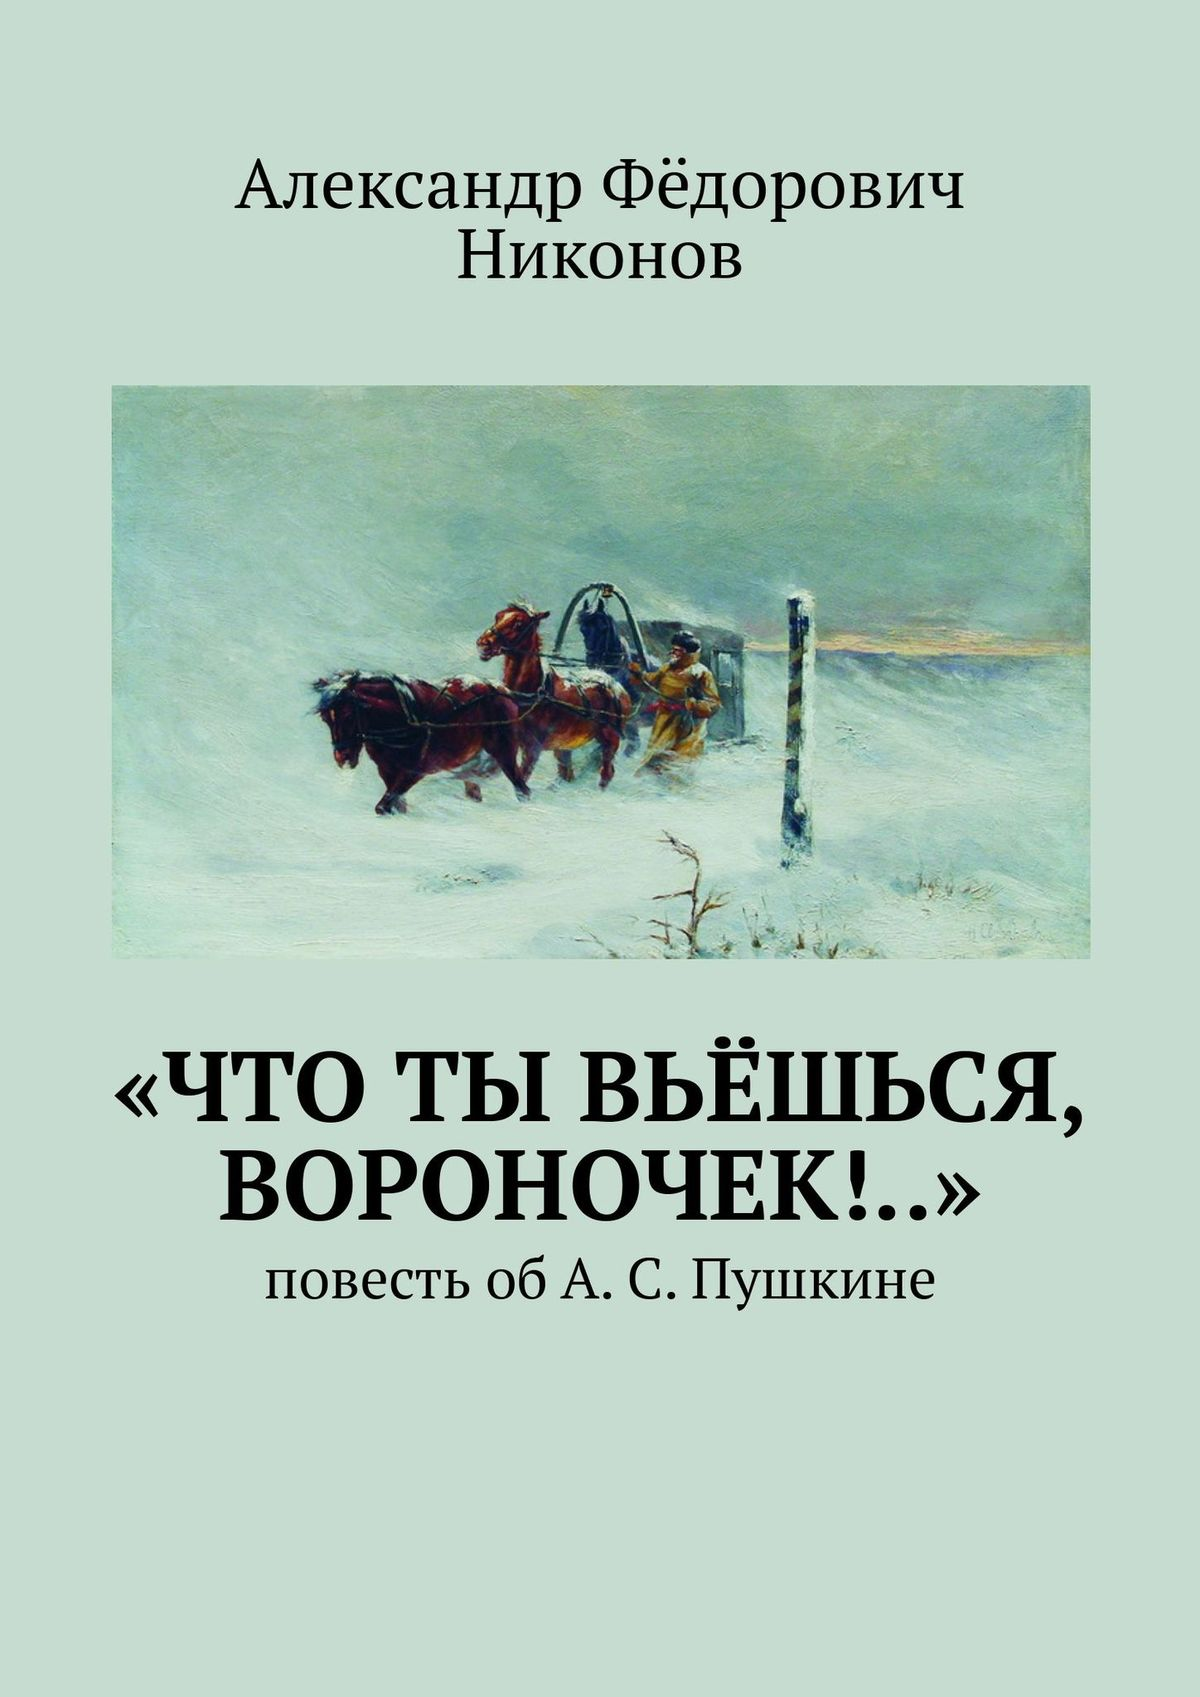 Александр Никонов «Что ты вьёшься, вороночек!..». повесть обА.С.Пушкине никонов а наполеон попытка 2